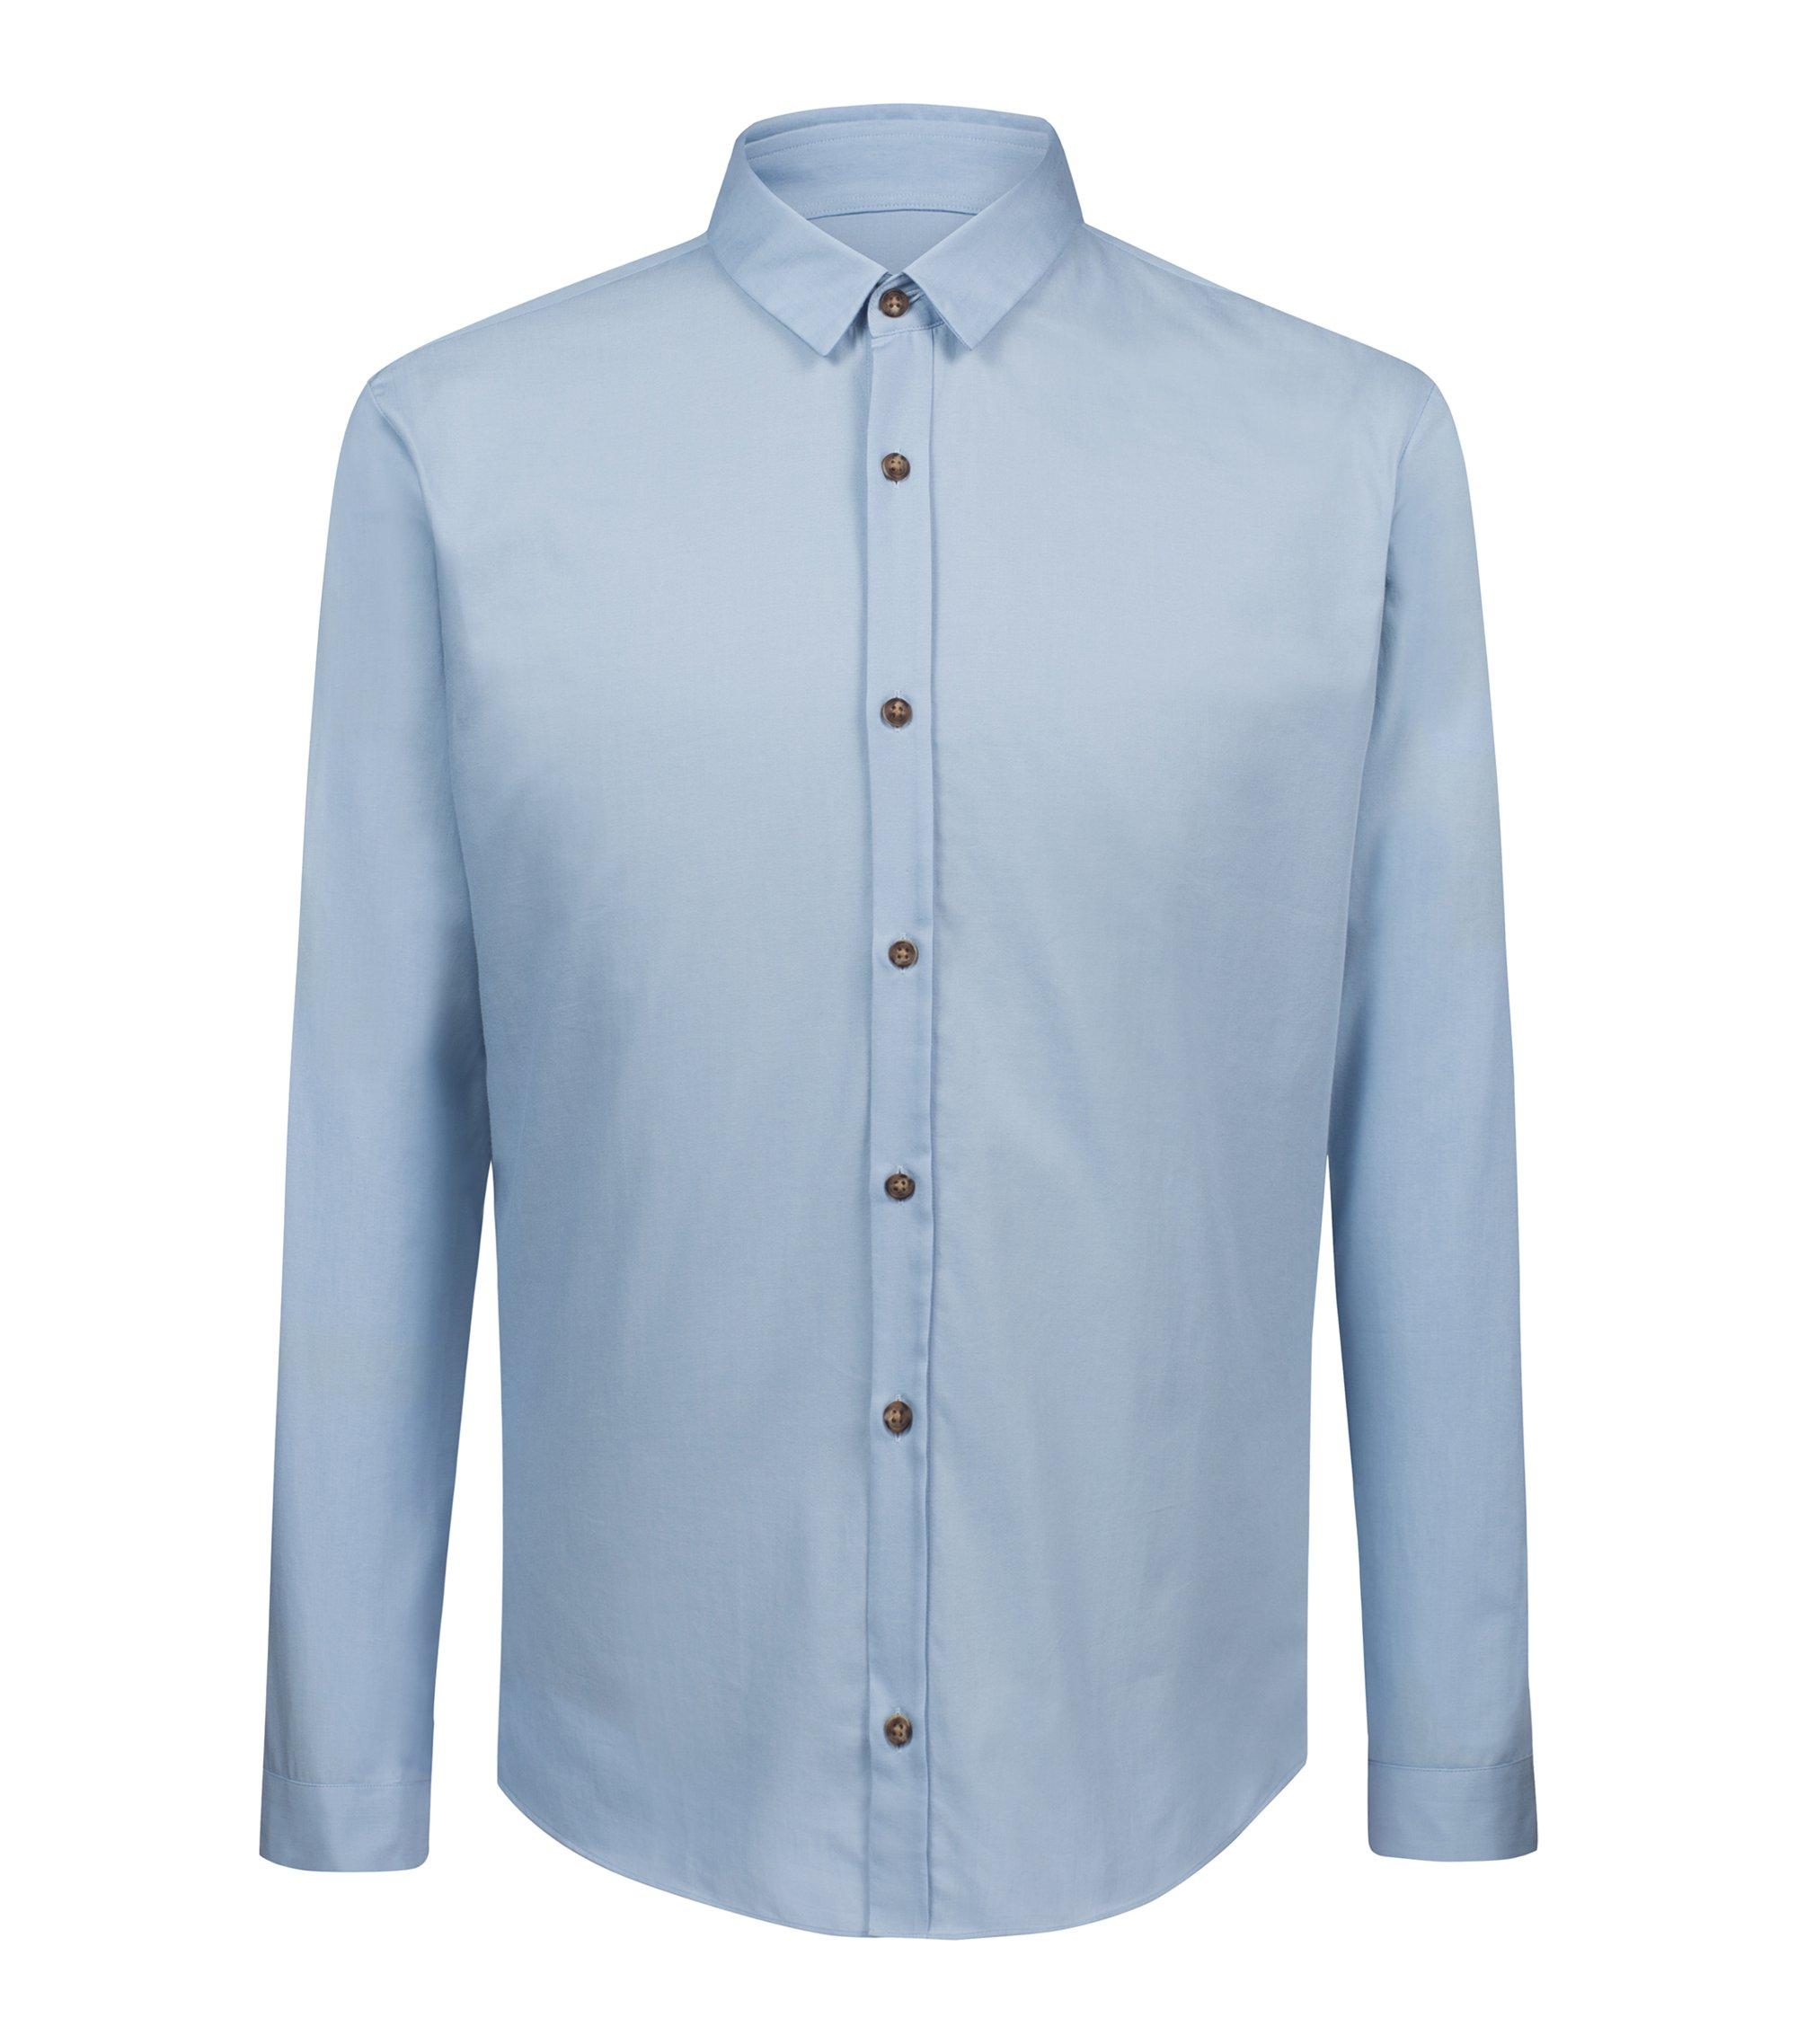 Chemise Extra Slim Fit style denim en coton, Bleu vif